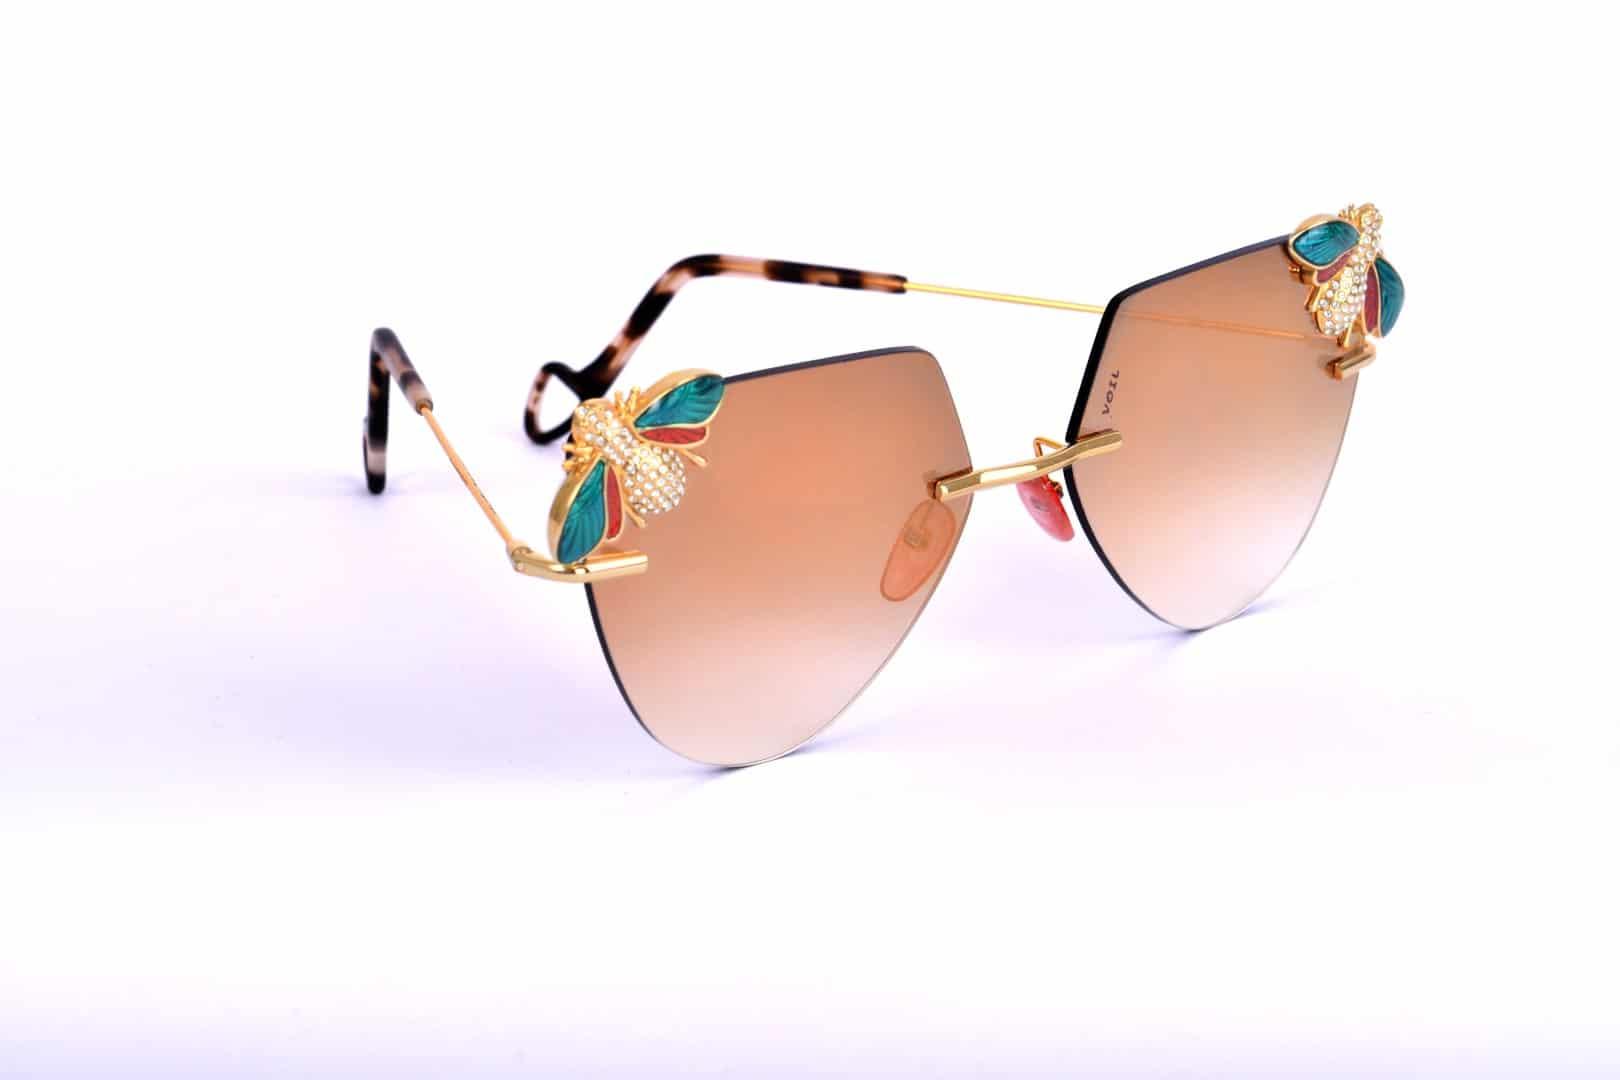 משקפי שמש יוקרתיות - אופטיקה יפעת, בדיקת אופטומטריסט בנתניה